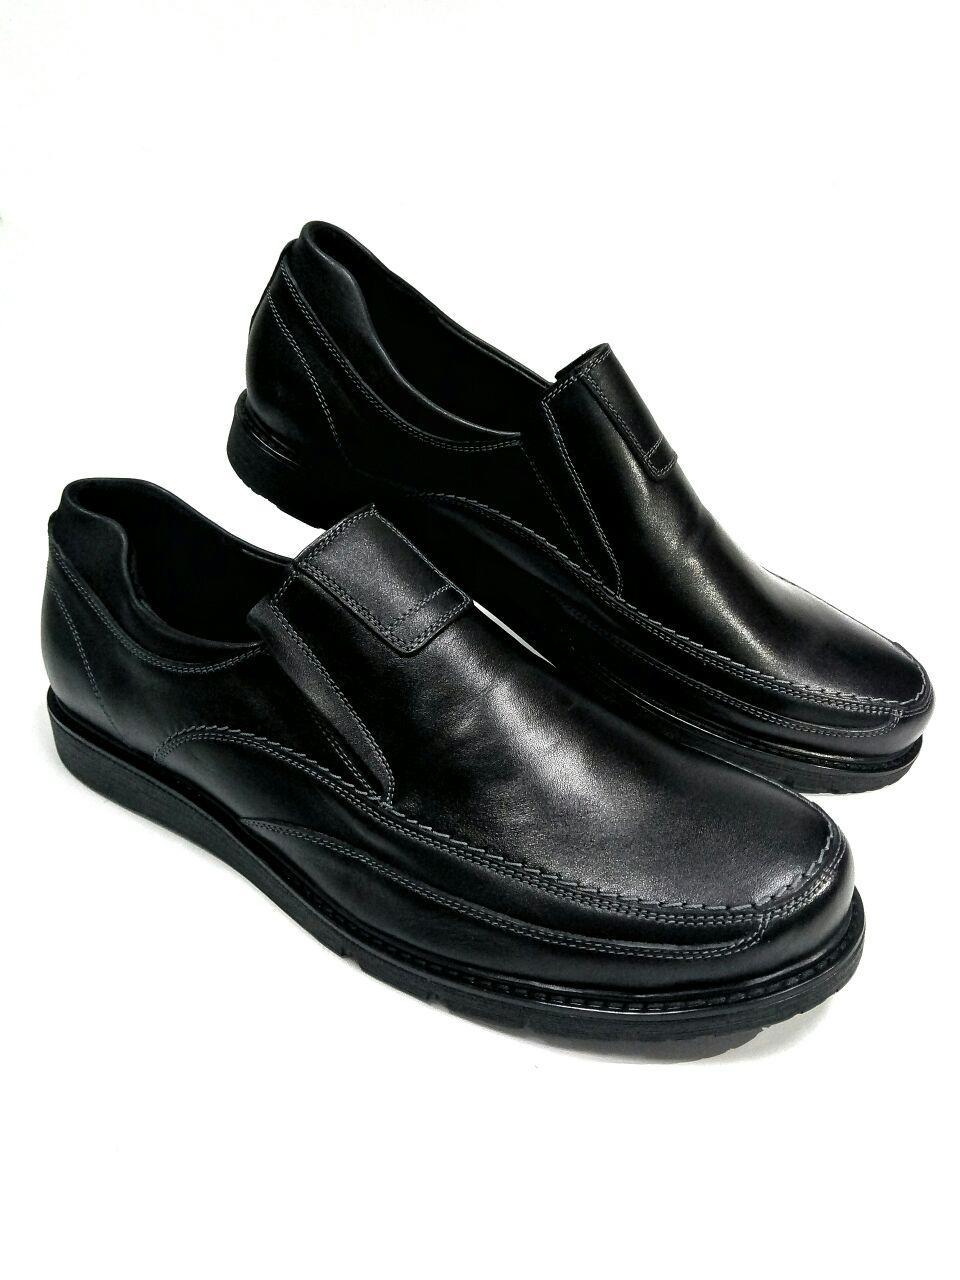 7908fe52d85a Черные мужские туфли из натуральной кожи больших размеров Berg 449N